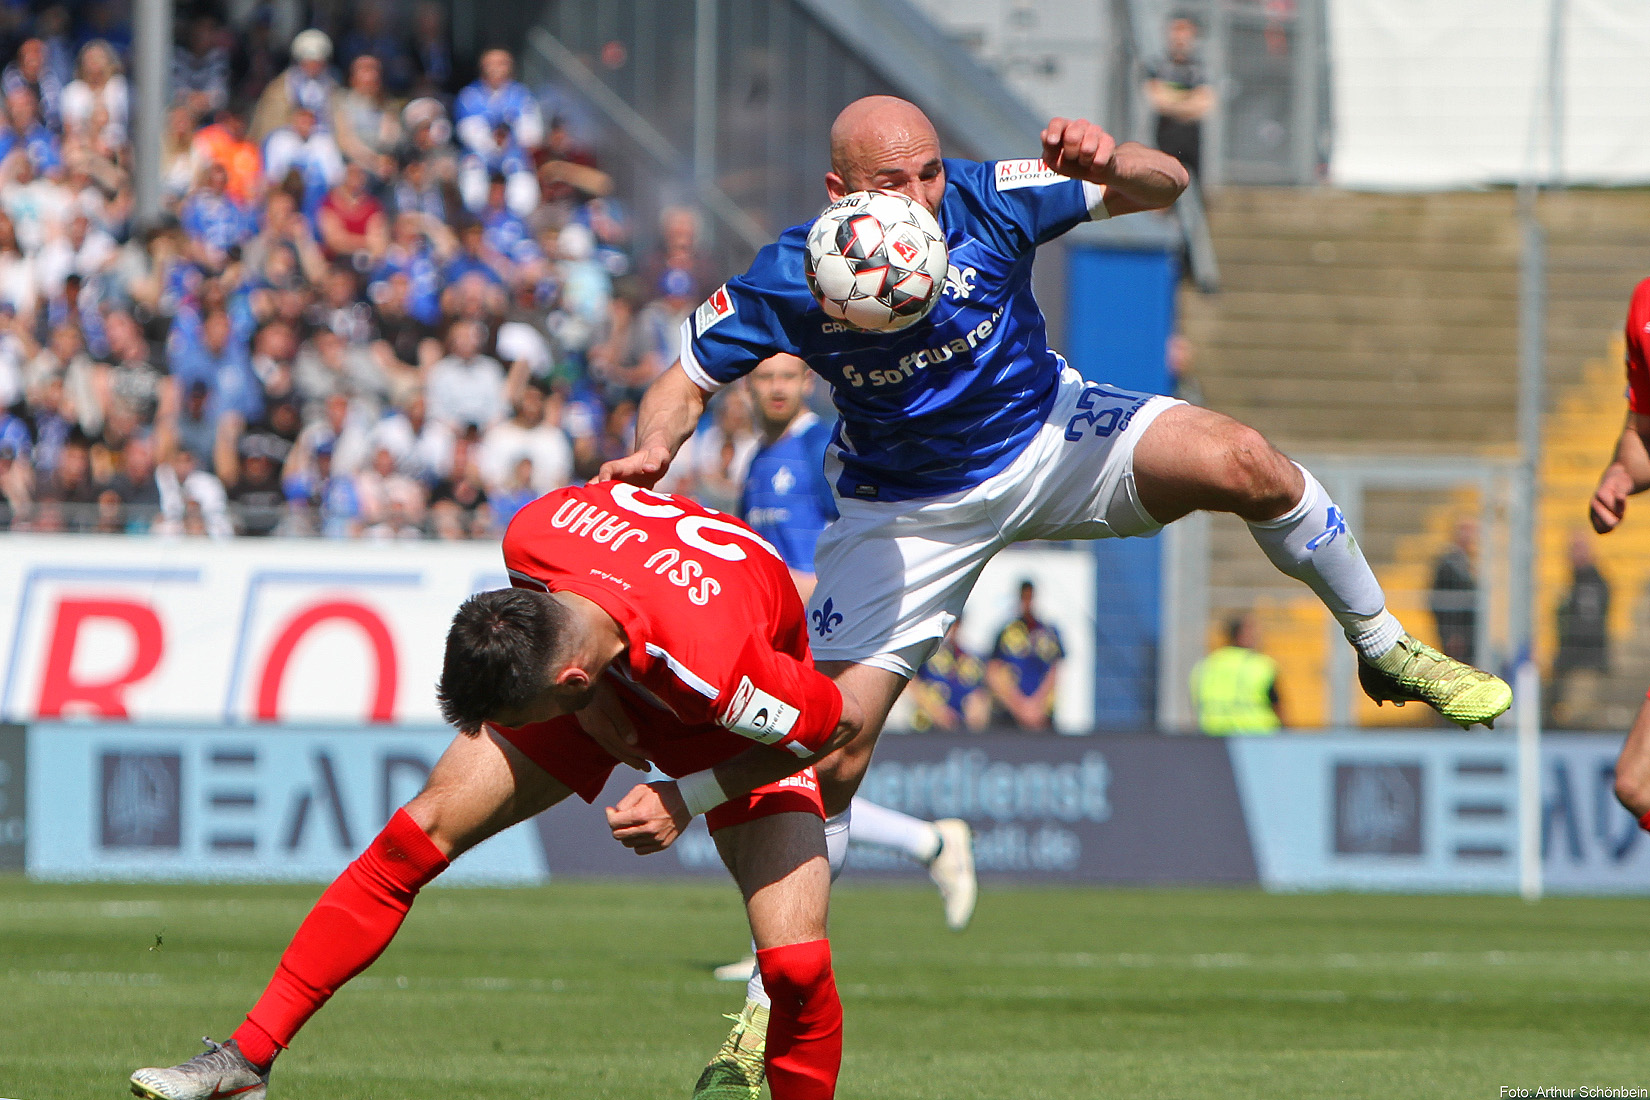 Letzte Saison gegen Regensburg: Chancen-Wucher